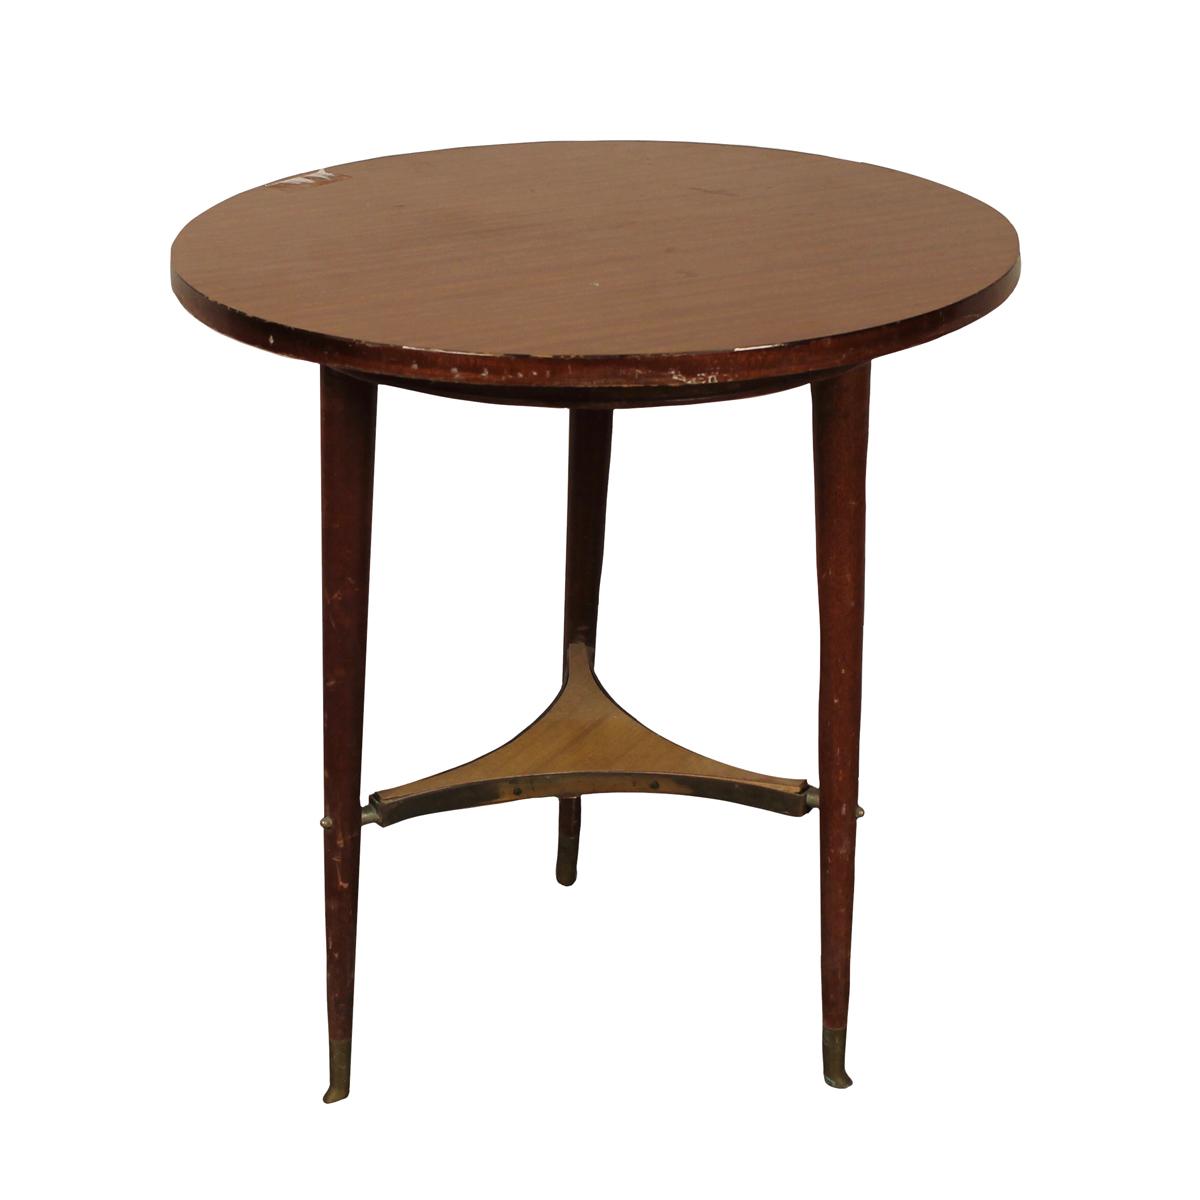 PICCOLO TAVOLINO TONDO - SMALL ROUND TABLE